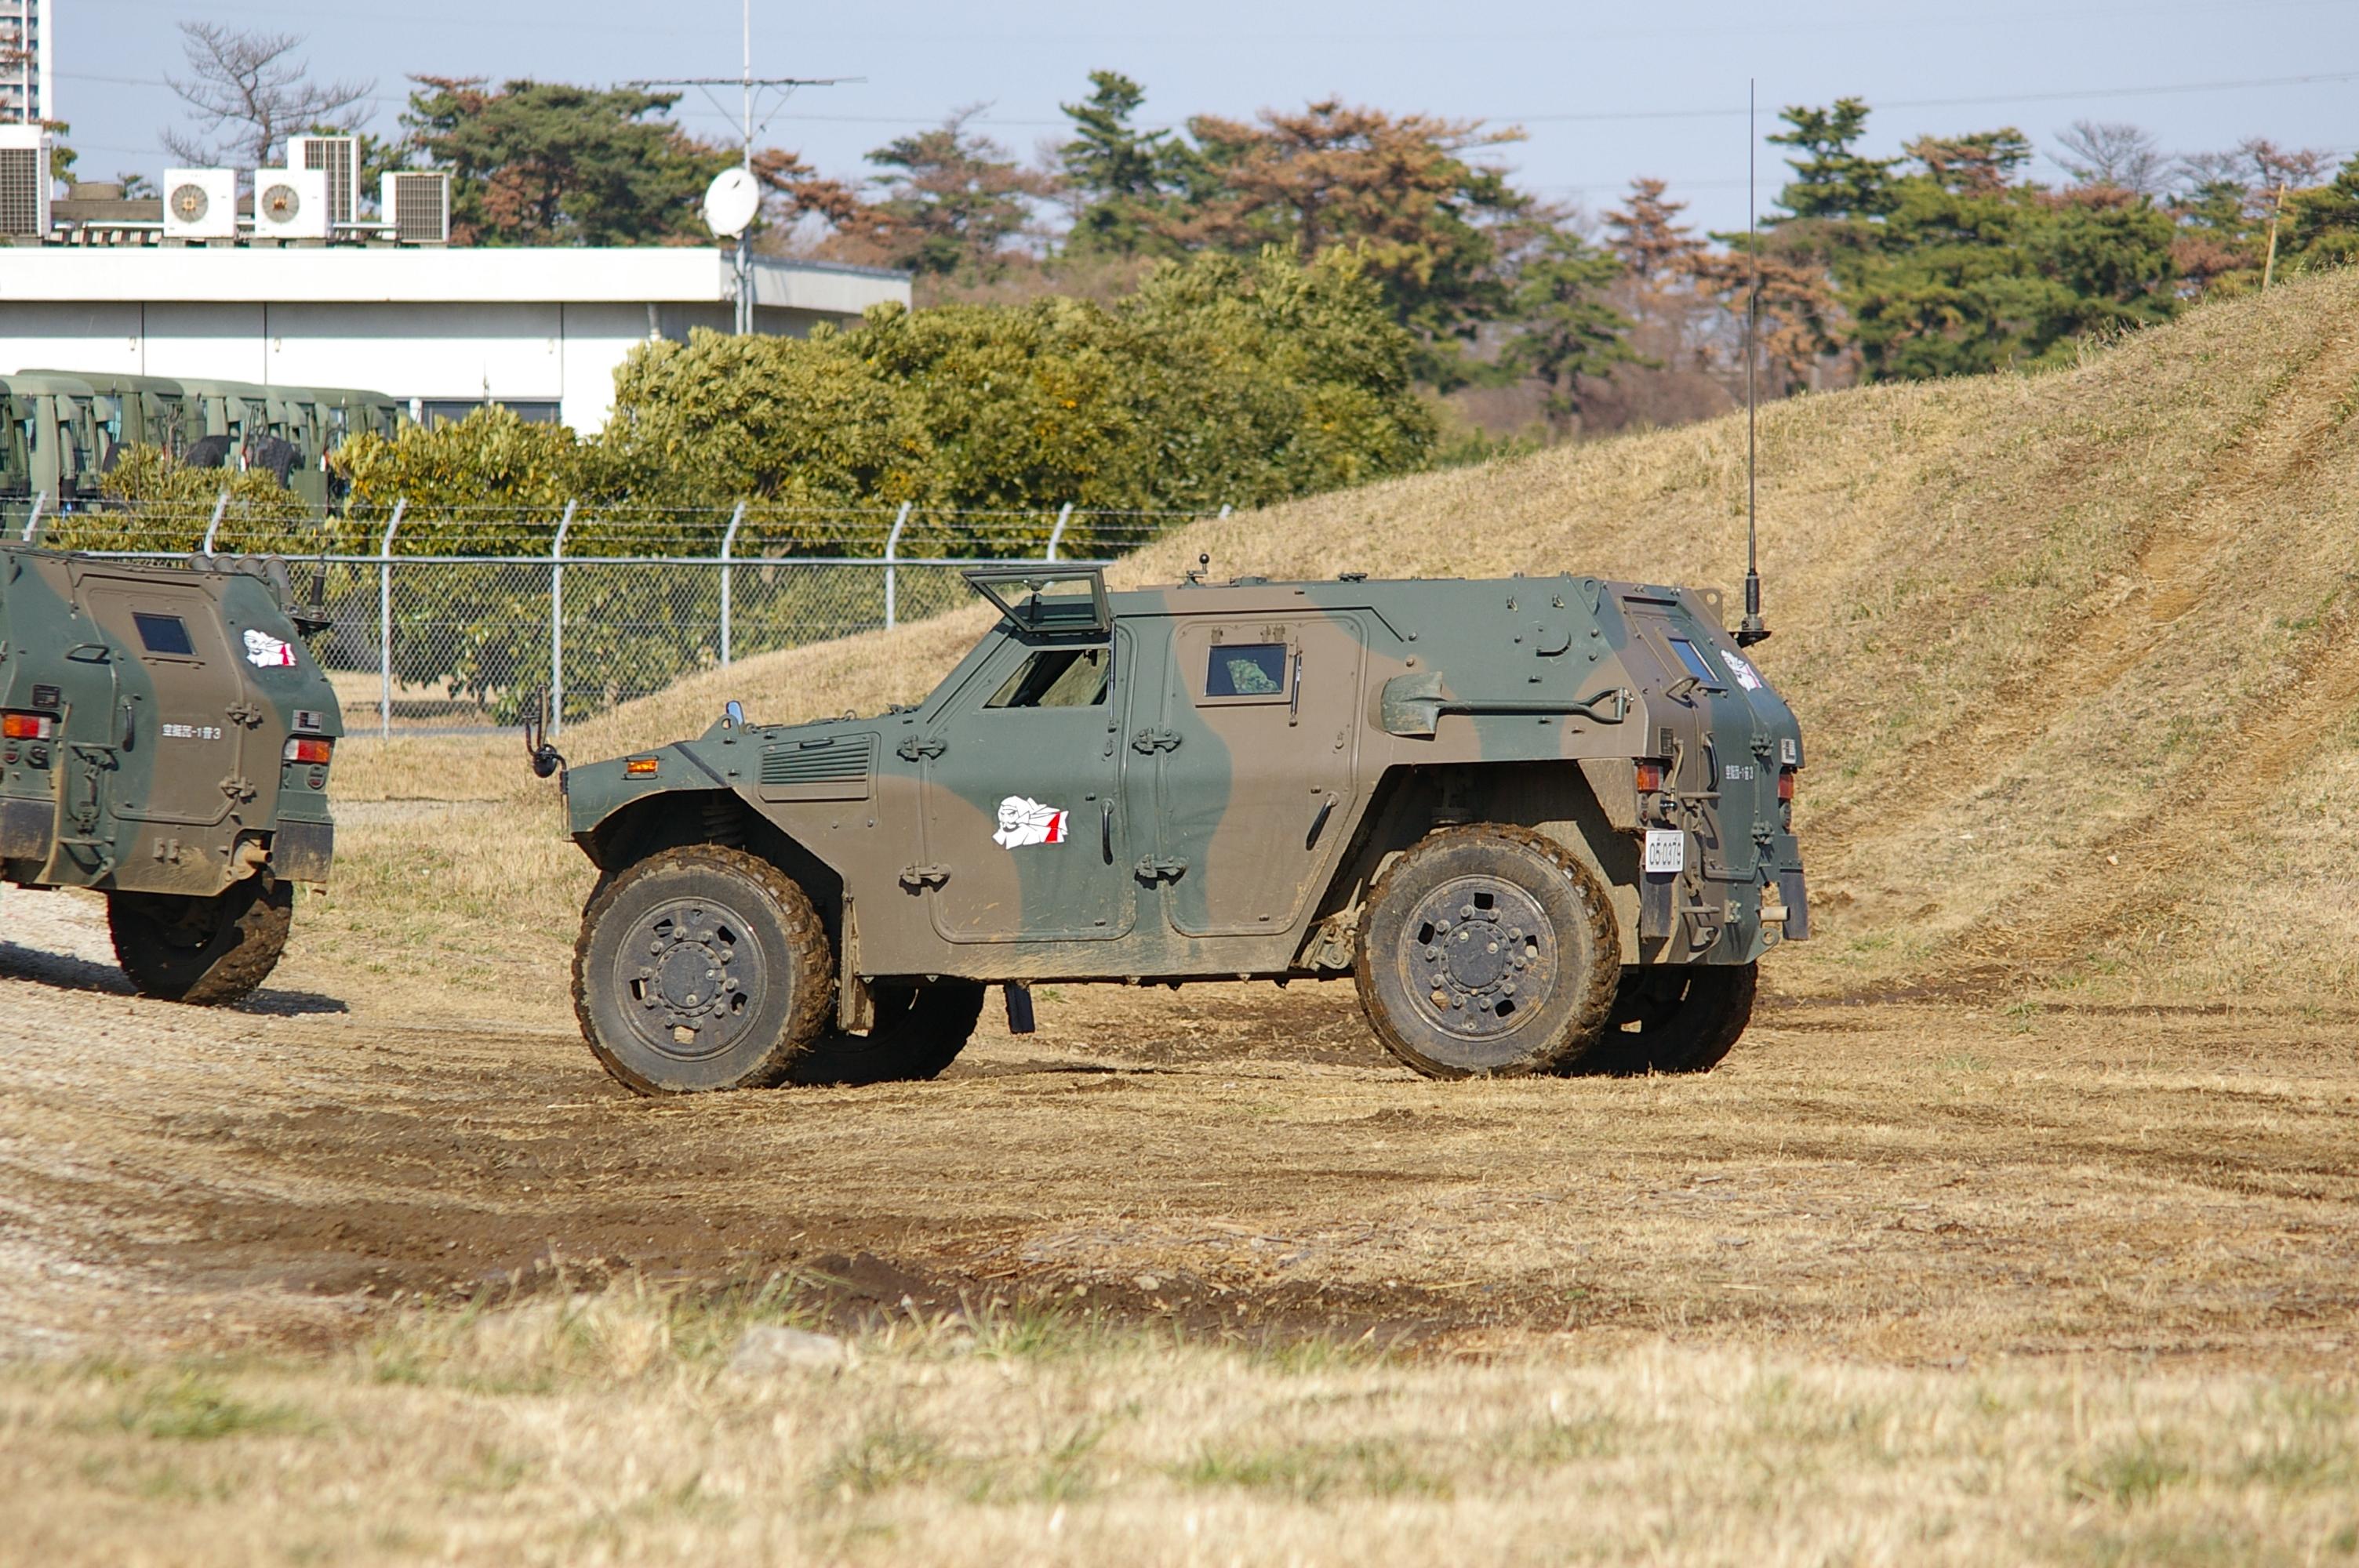 File:JGSDF Light Armored Vehicle 20070107 01.JPG